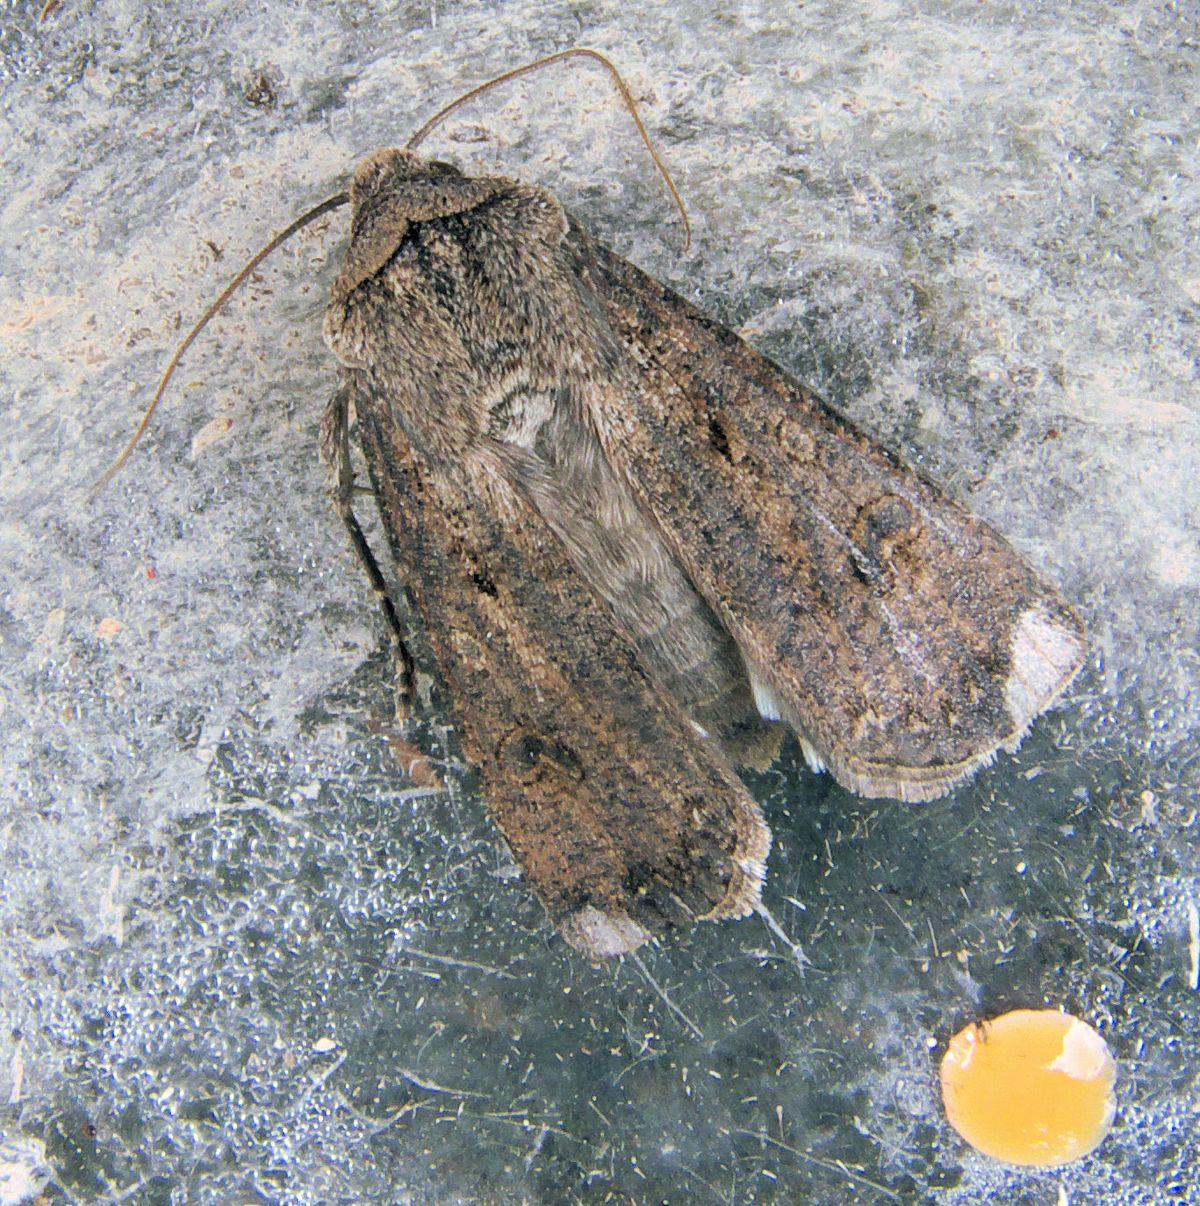 Agrotis ipsilon - Wikimedia Commons